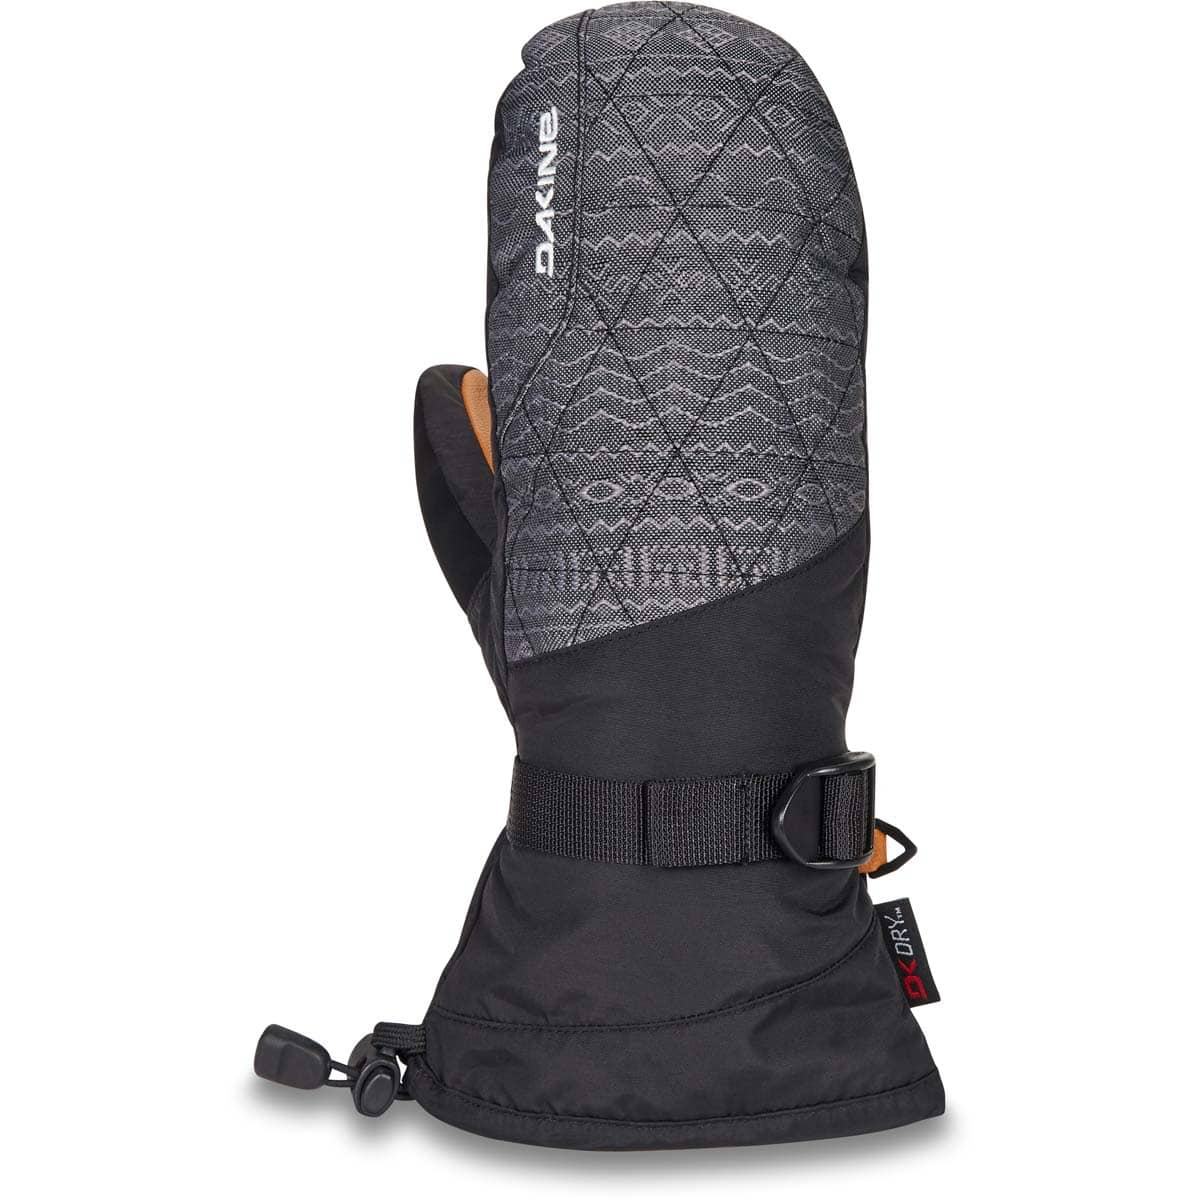 ekskluzywne oferty 50% ceny wyprzedaż w sprzedaży Dakine Leather Camino Mitt Ski- / Snowboard Gloves Hoxton